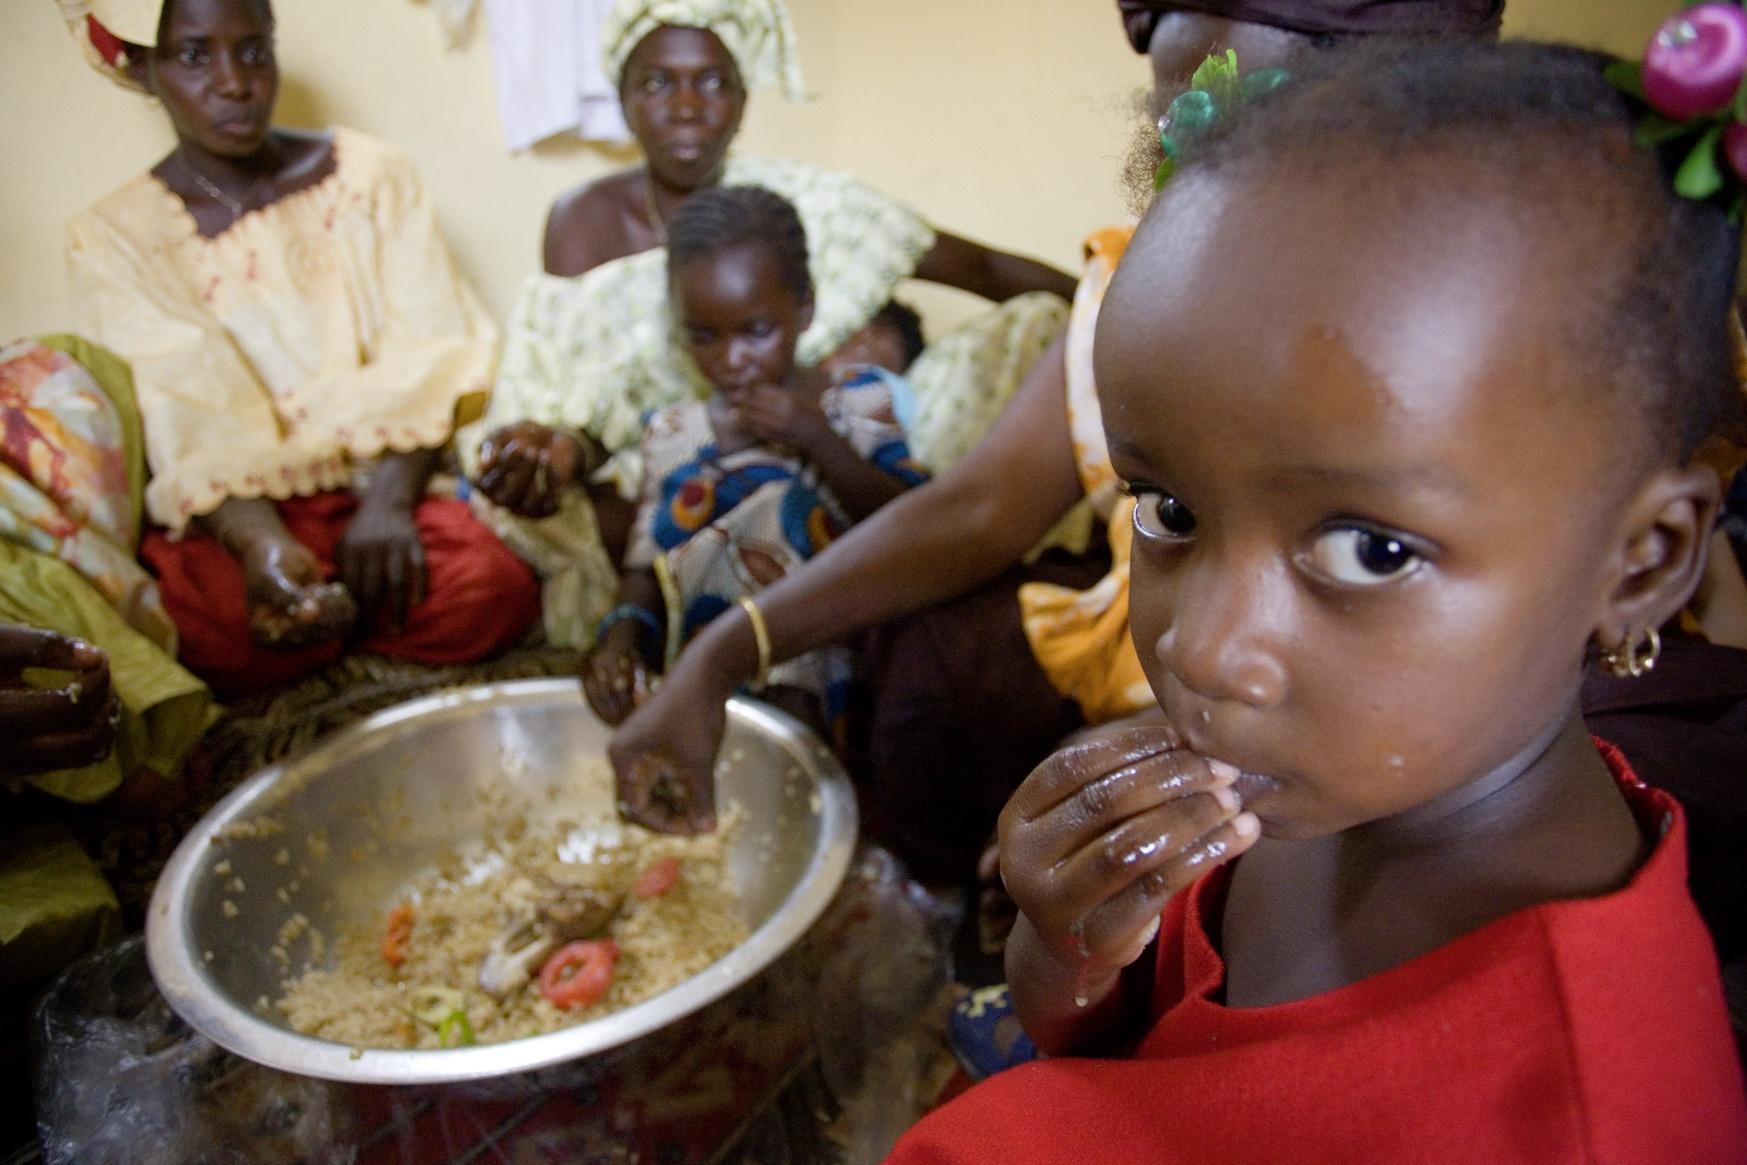 6183031c-8a3d-41e6-8a02-b0c04ae3e19e_mauritania_portrait_christian-brun_web_115038_original